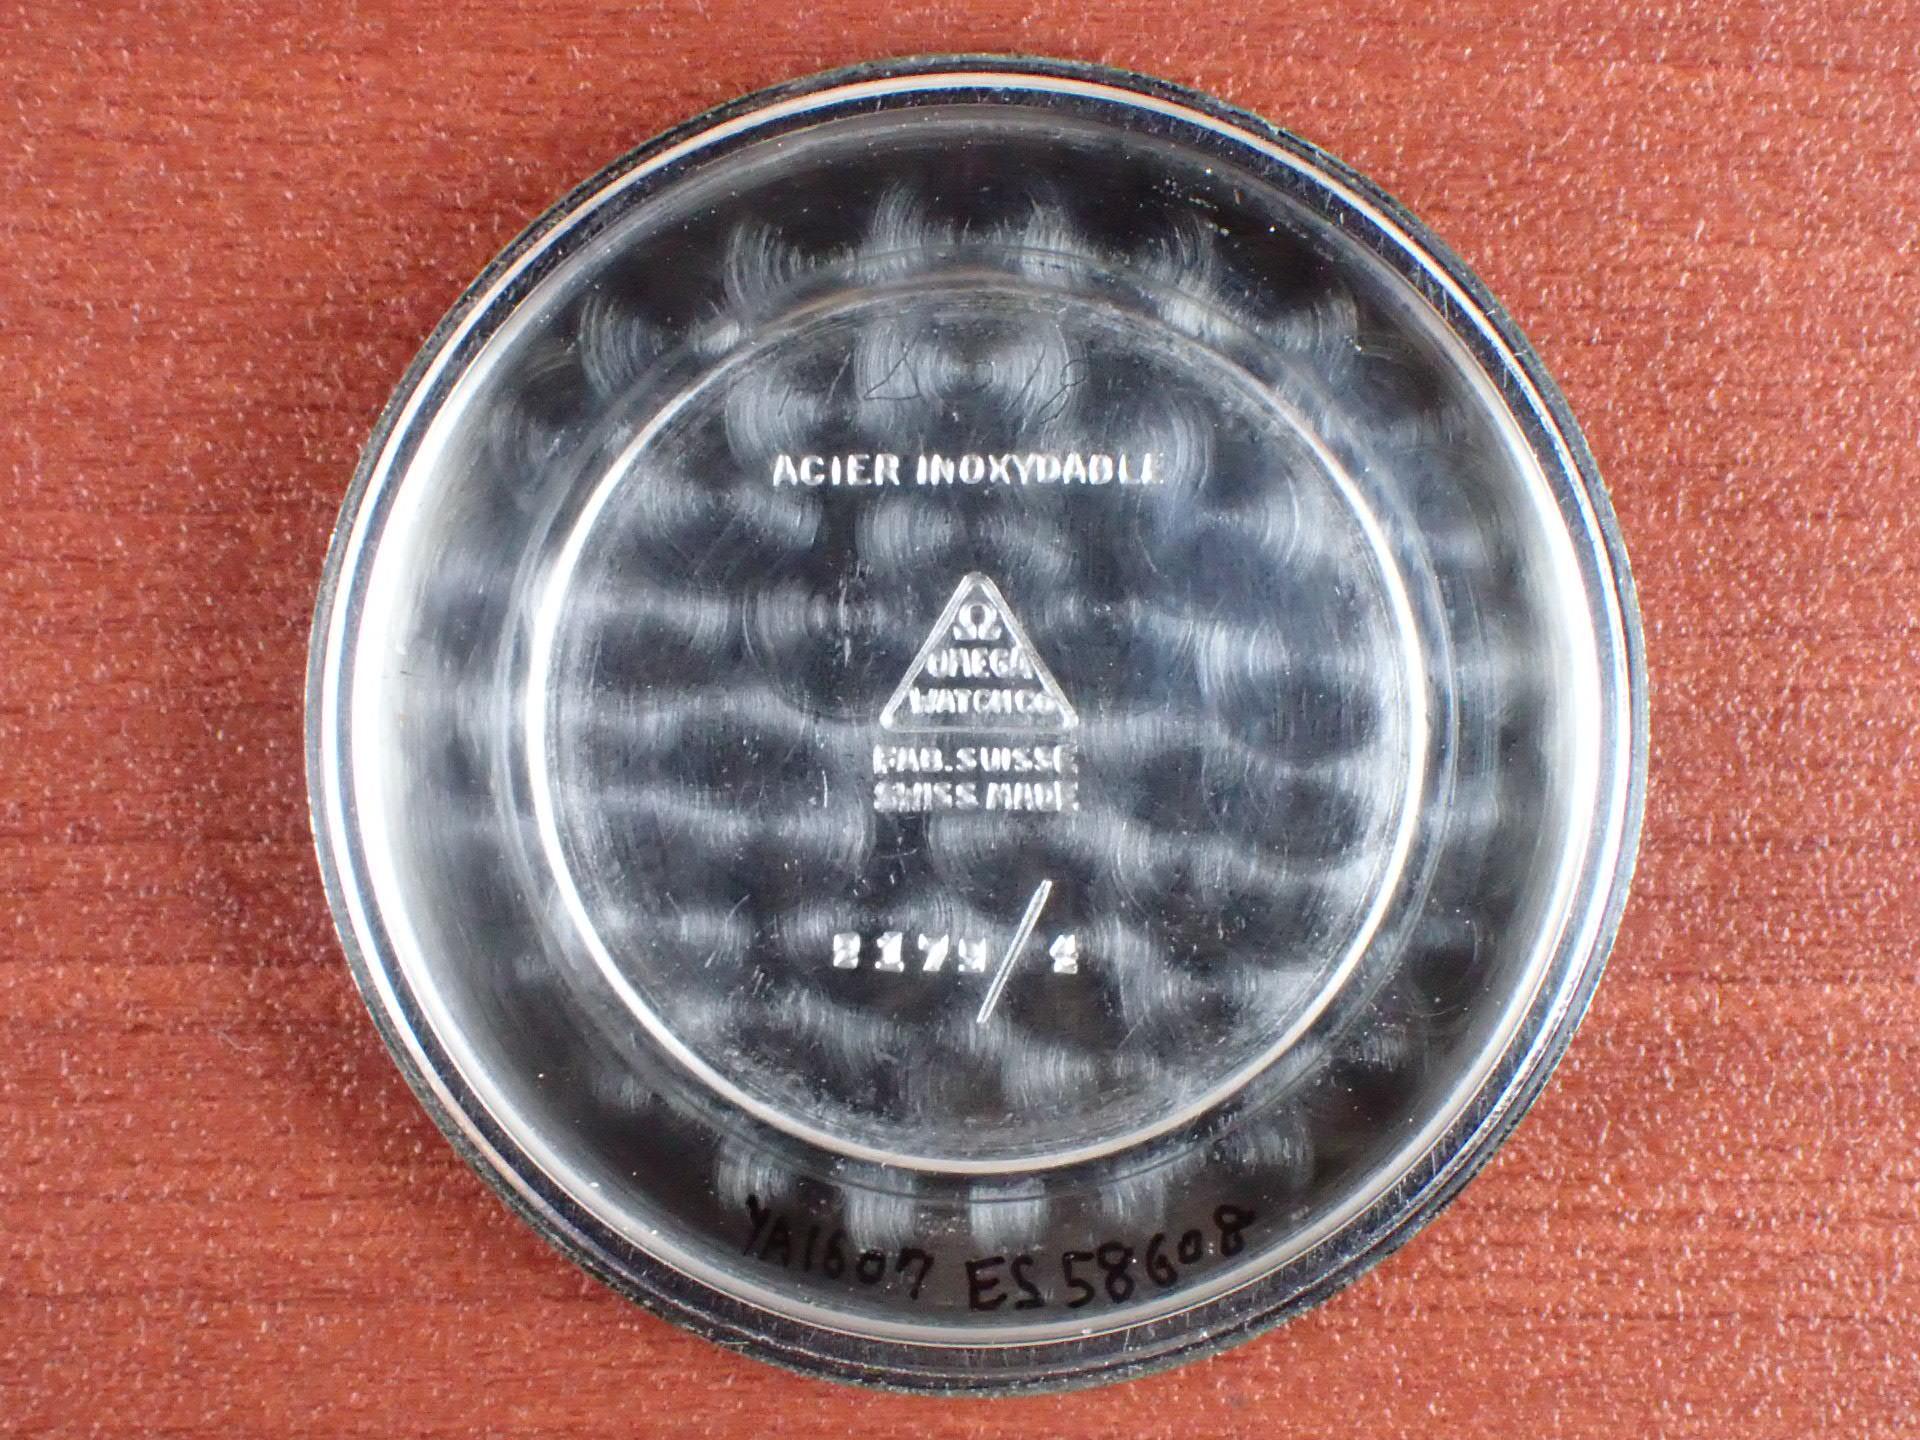 オメガ 30mmキャリバー Ref.2179-4 ホワイトダイアル 1940年代の写真6枚目